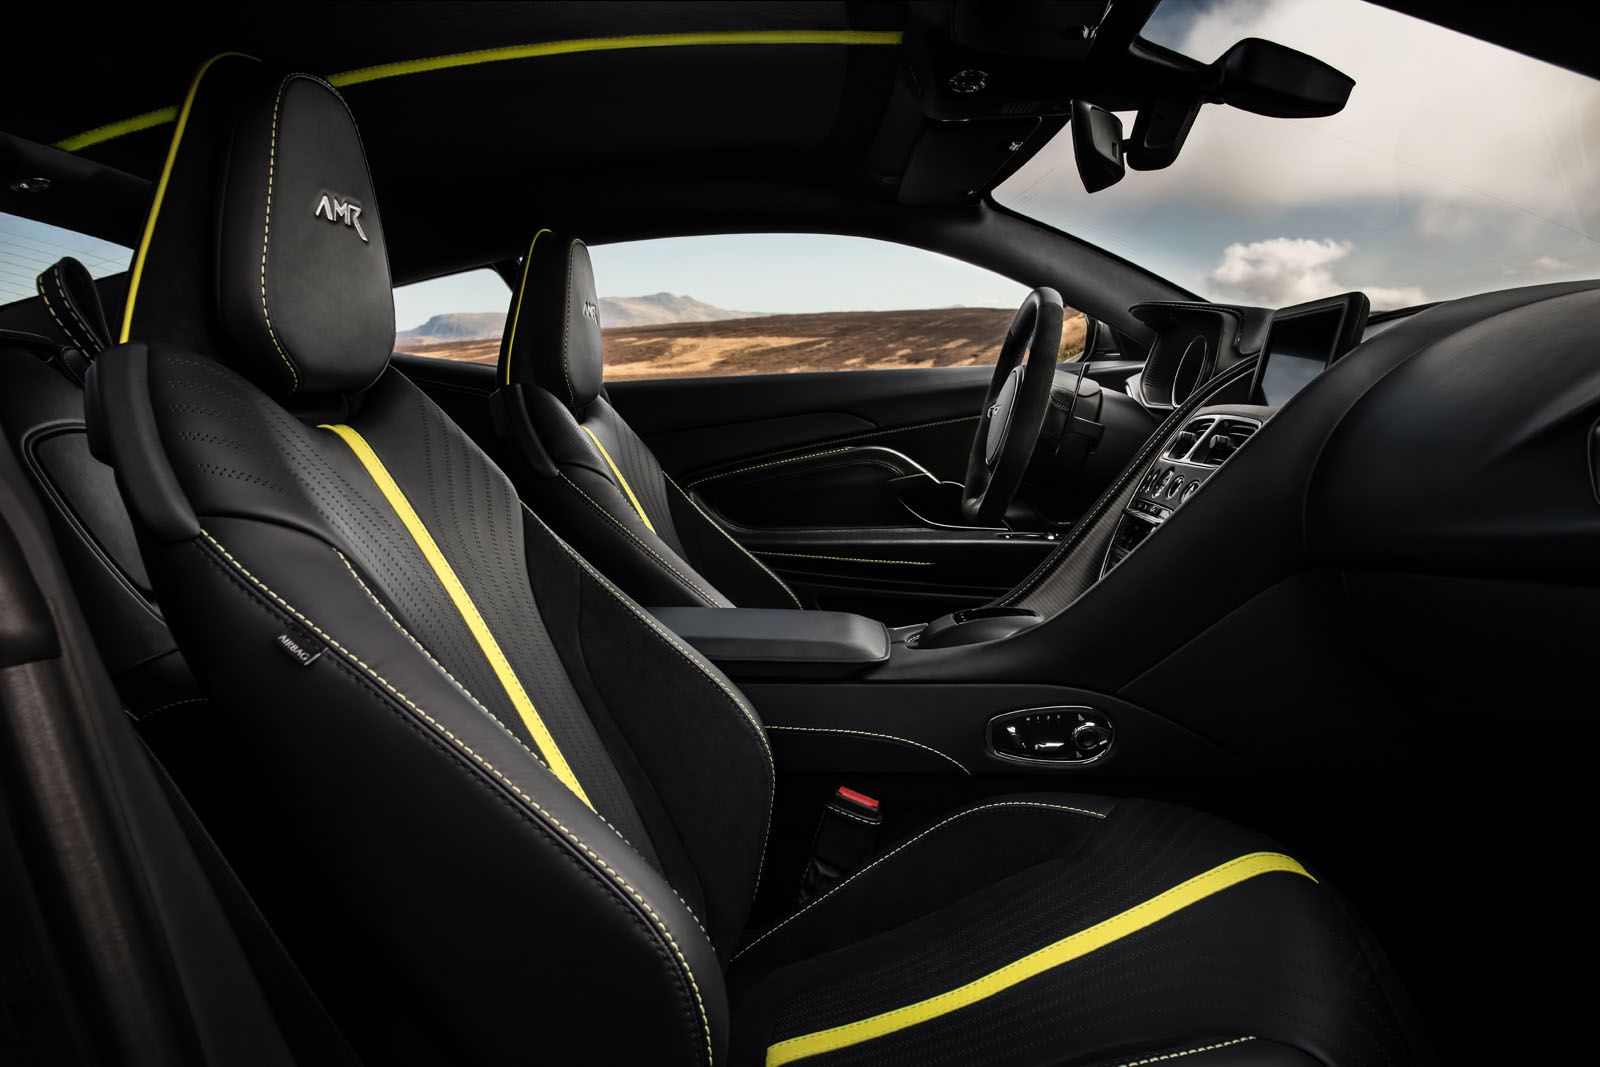 Ausfahrt Mit Dem Aston Martin Db11 Amr James Wer Alles Auto